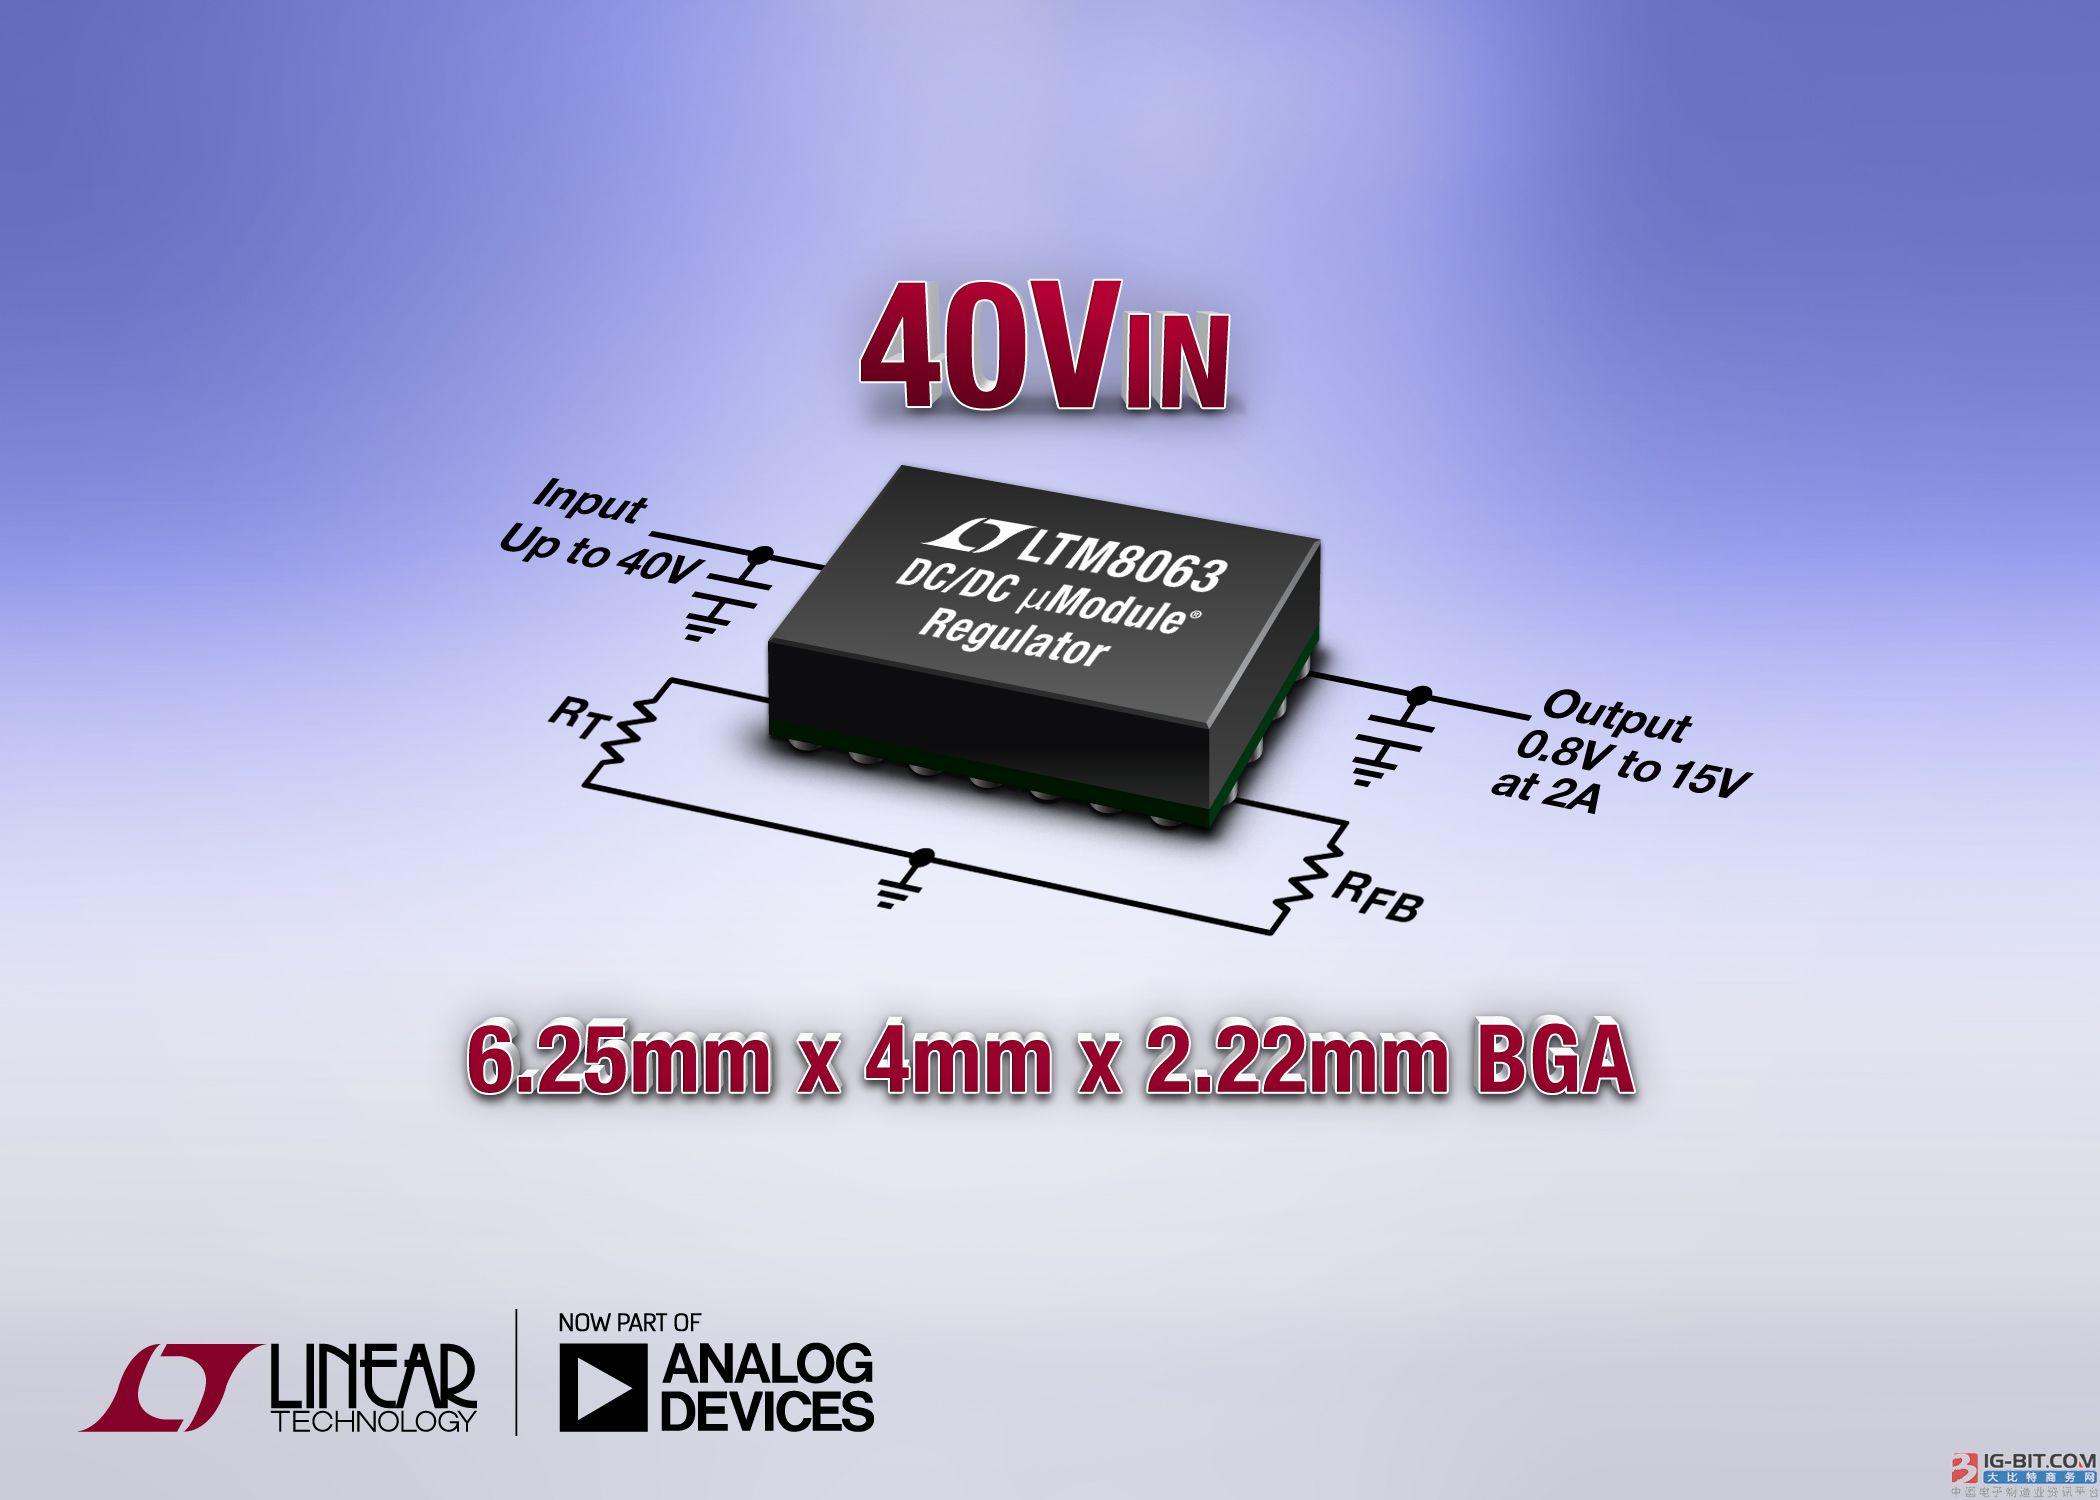 采用 6.25mm x 4mm BGA 封装的 40VIN、2A Silent Switcher µModule 稳压器